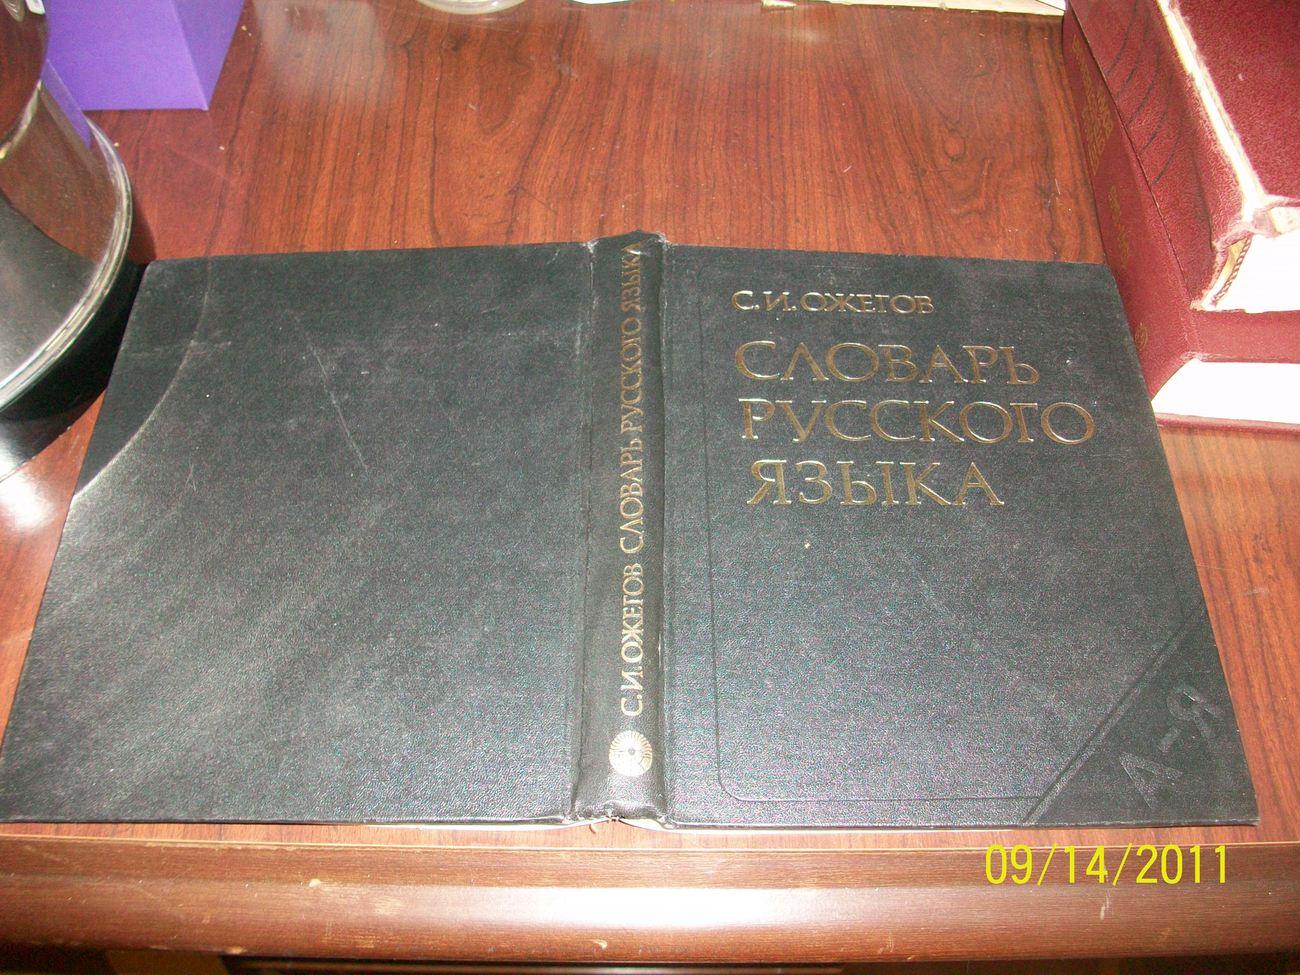 Slovar Russkogo Iazyka by S.I. Ozhegov Moscow 1984